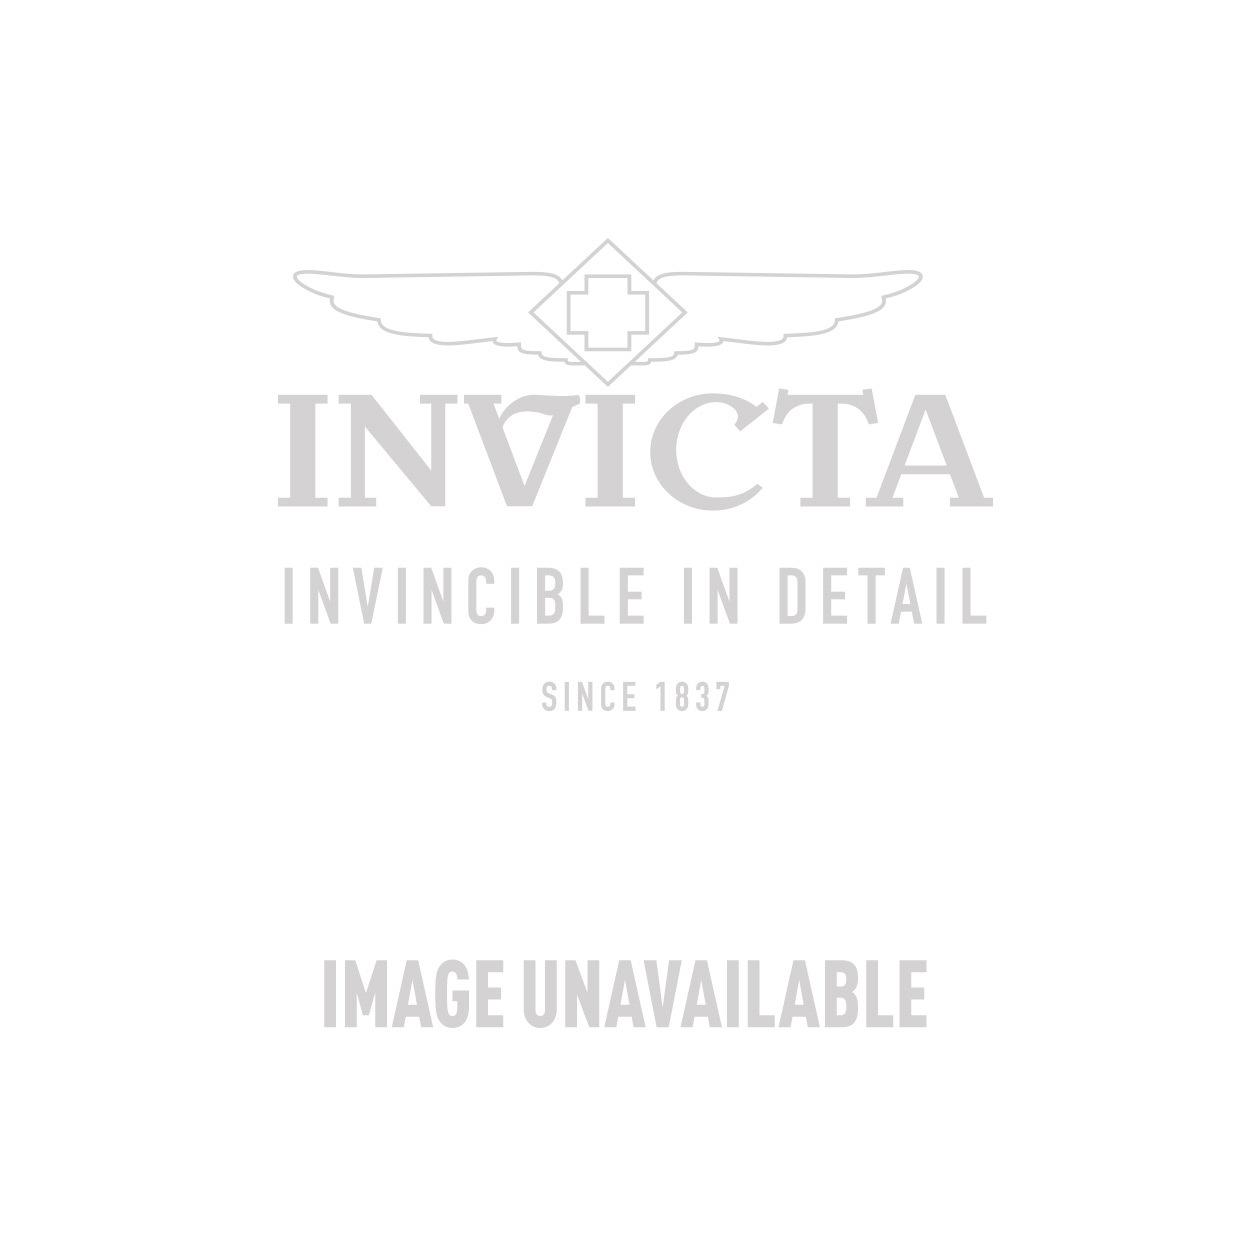 Invicta Model 22308